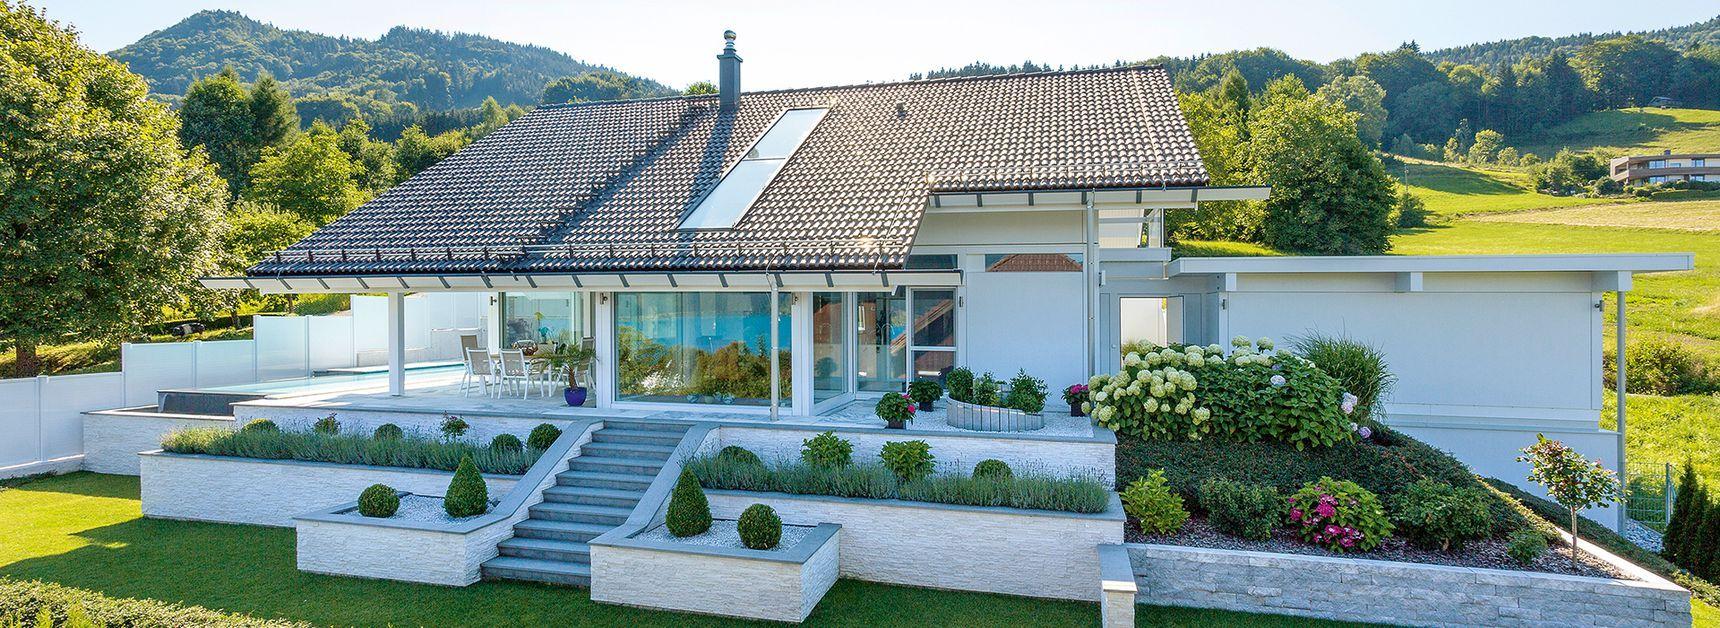 Traumhaus in deutschland modern  Musterhäuser | Moderne Fachwerkarchitektur | Musterhauszentrum ...